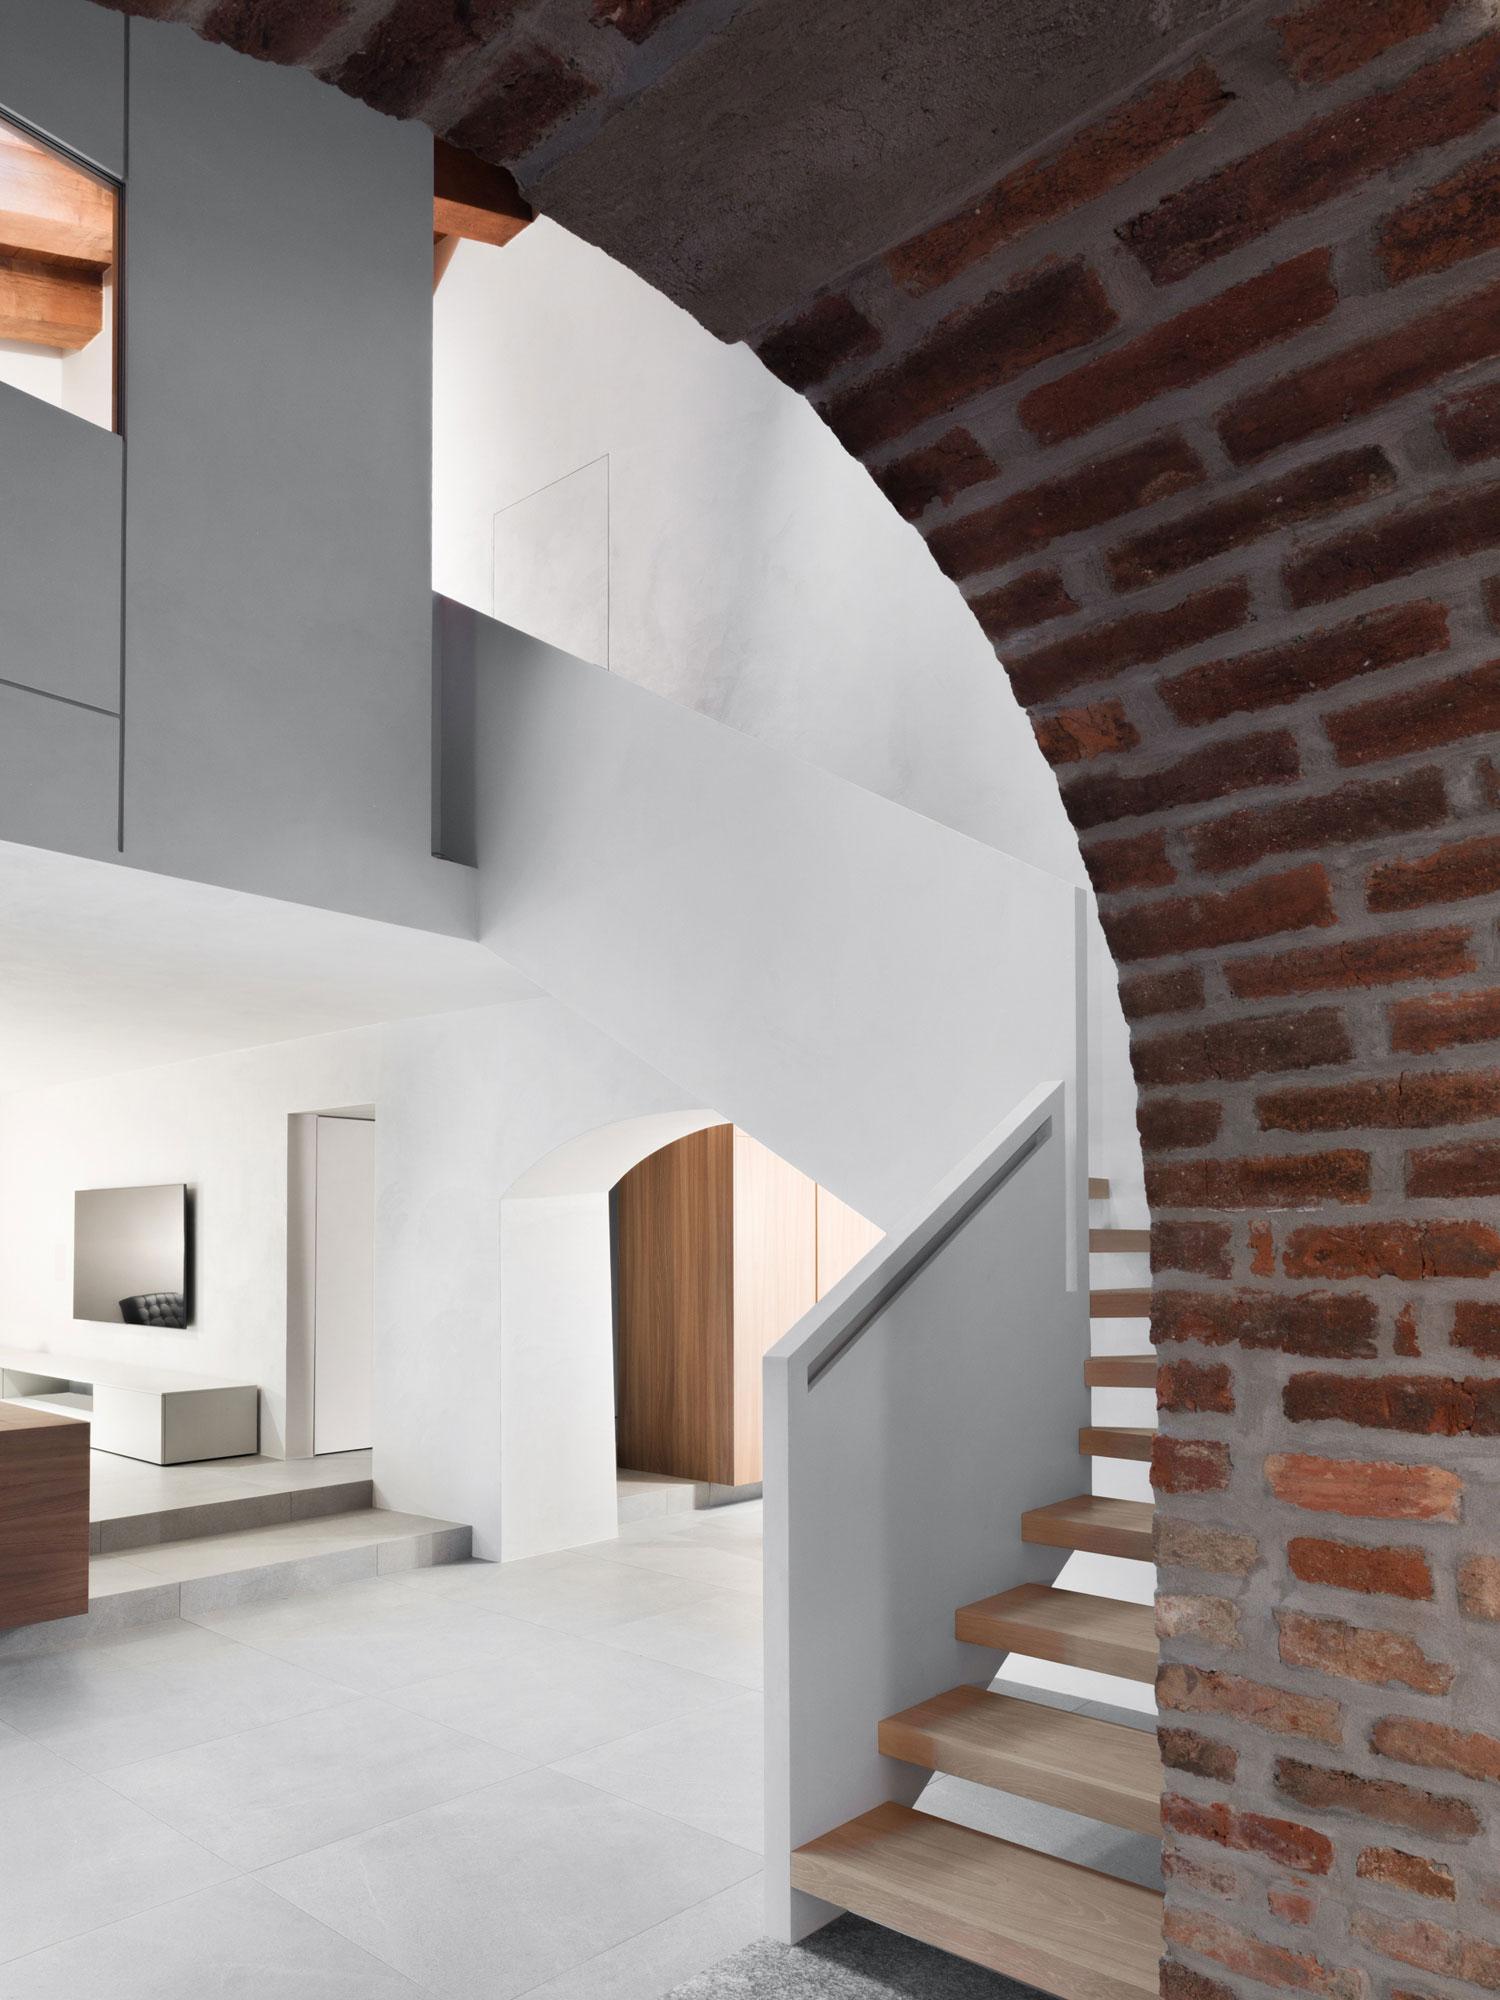 Umbau eines Winzergebäudes von a25architetti in Norditalien